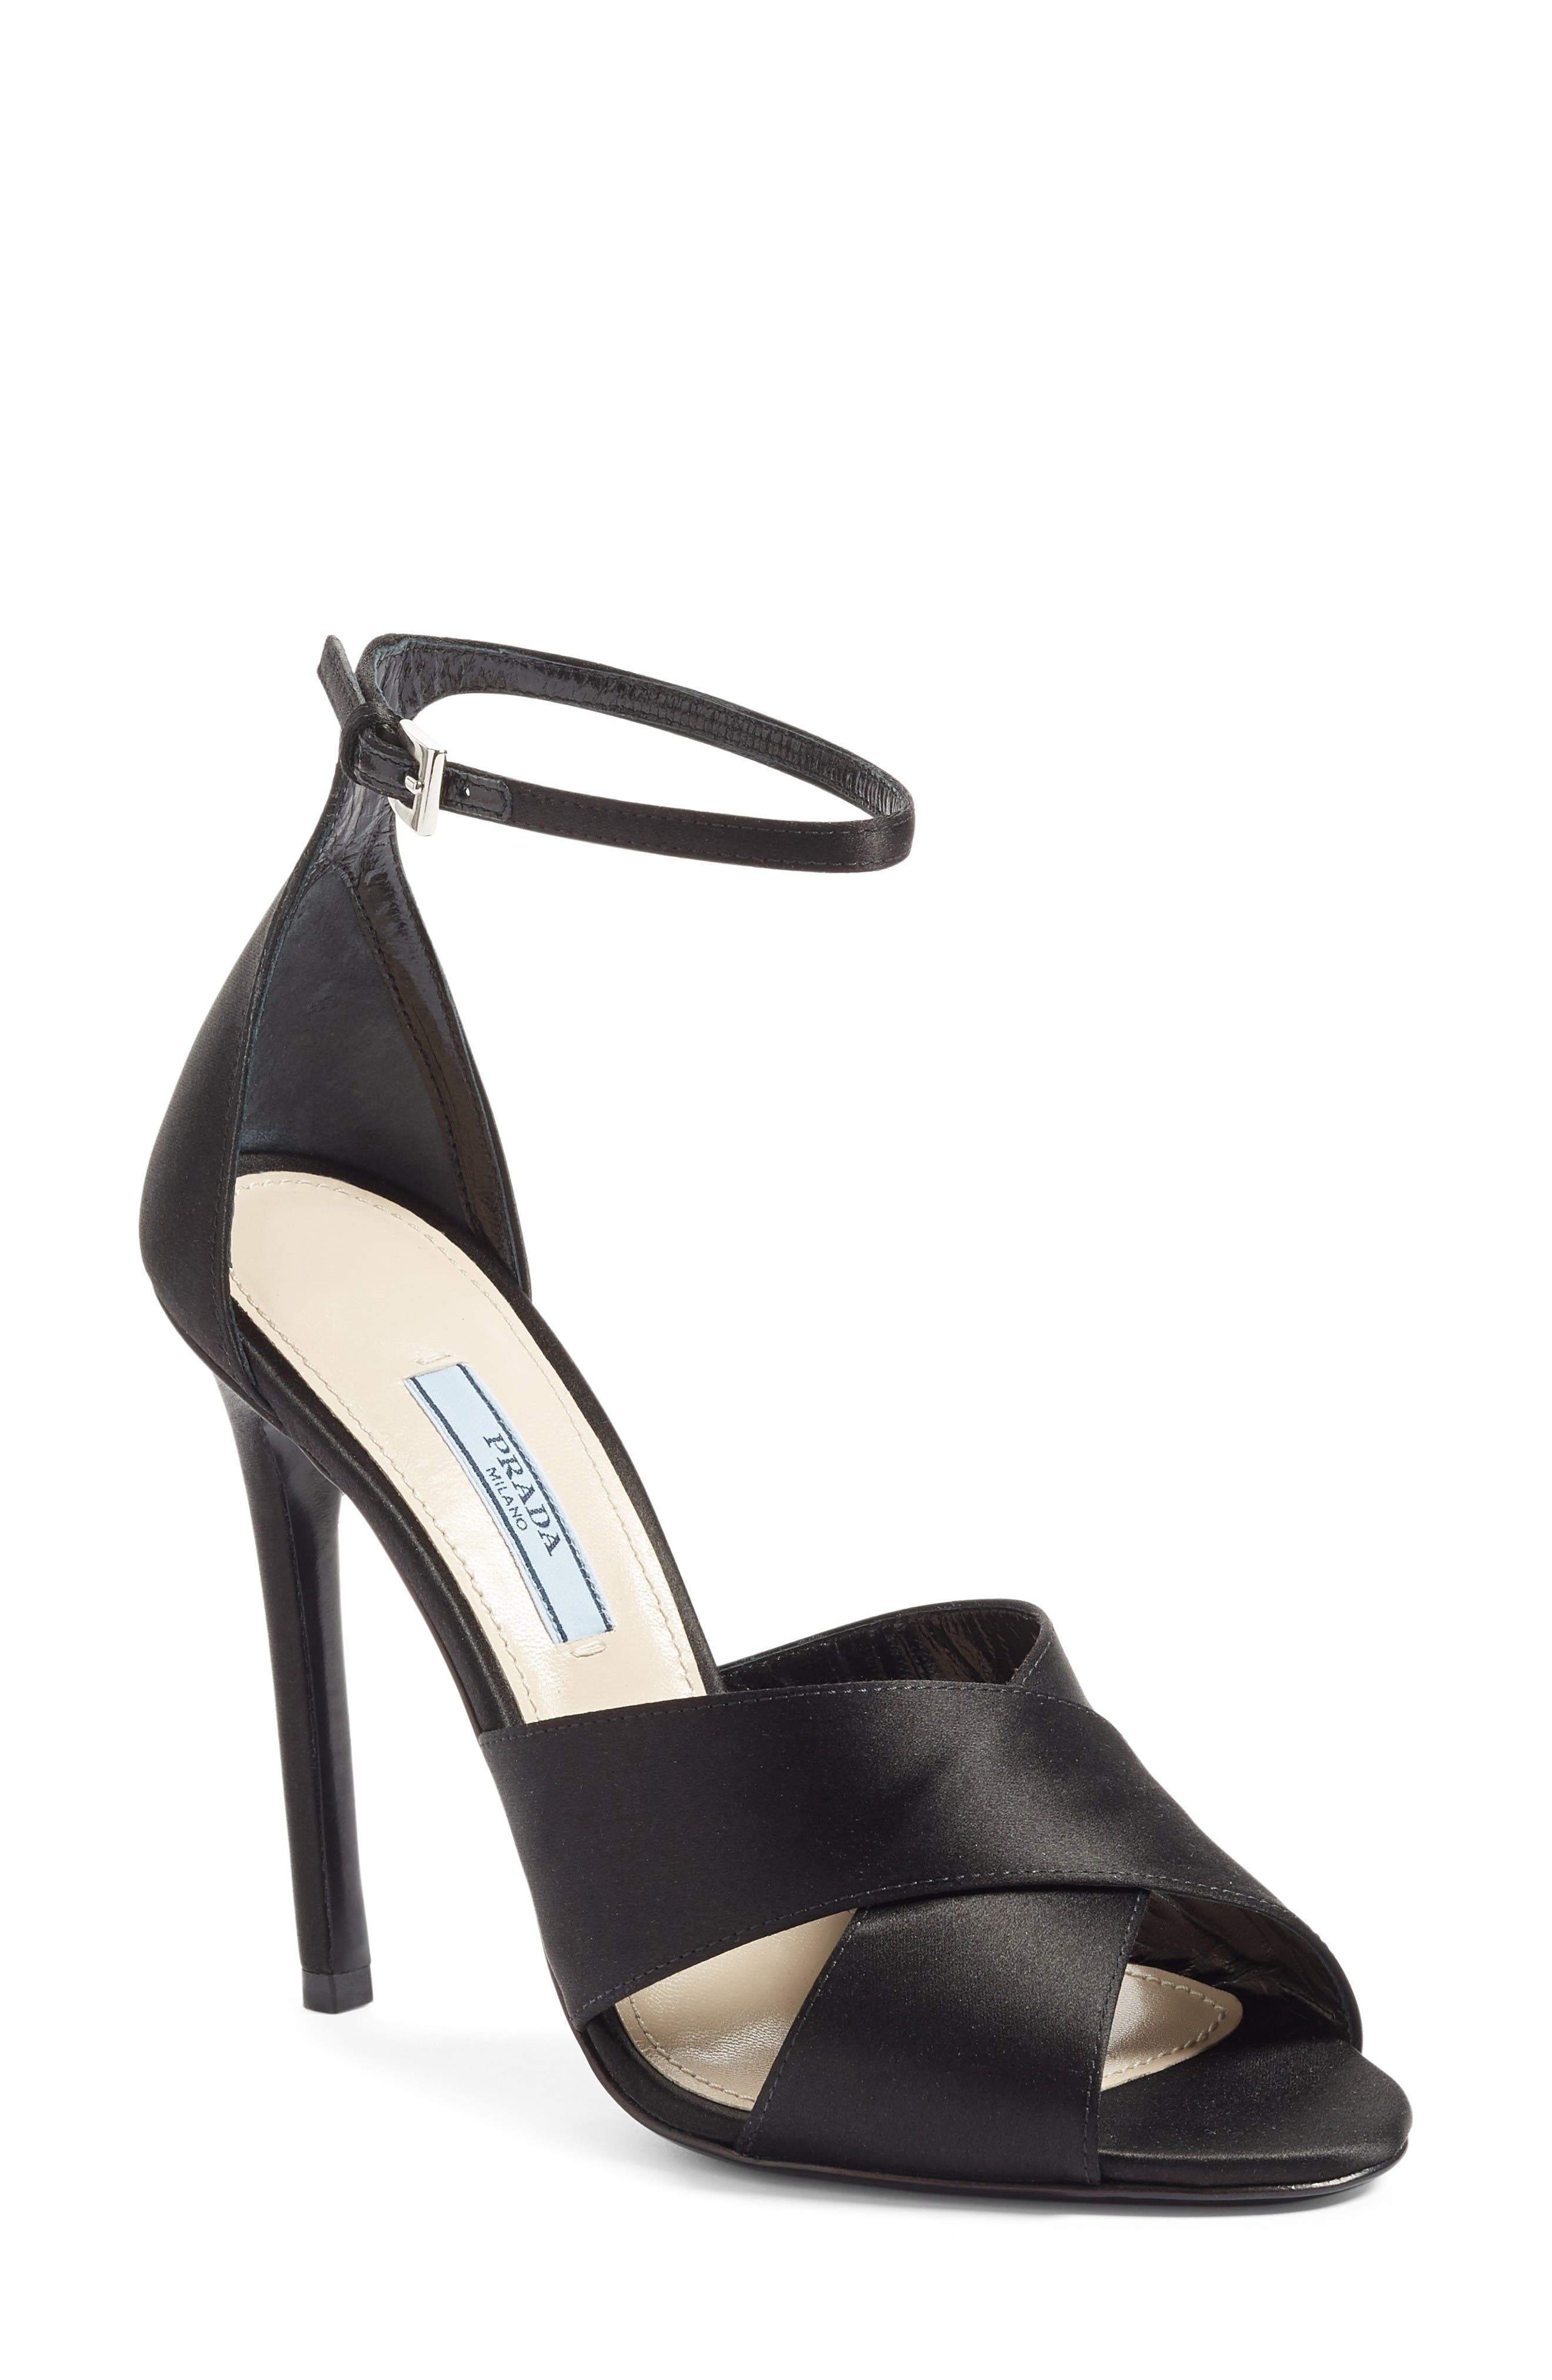 PRADA Ankle Strap Sandal